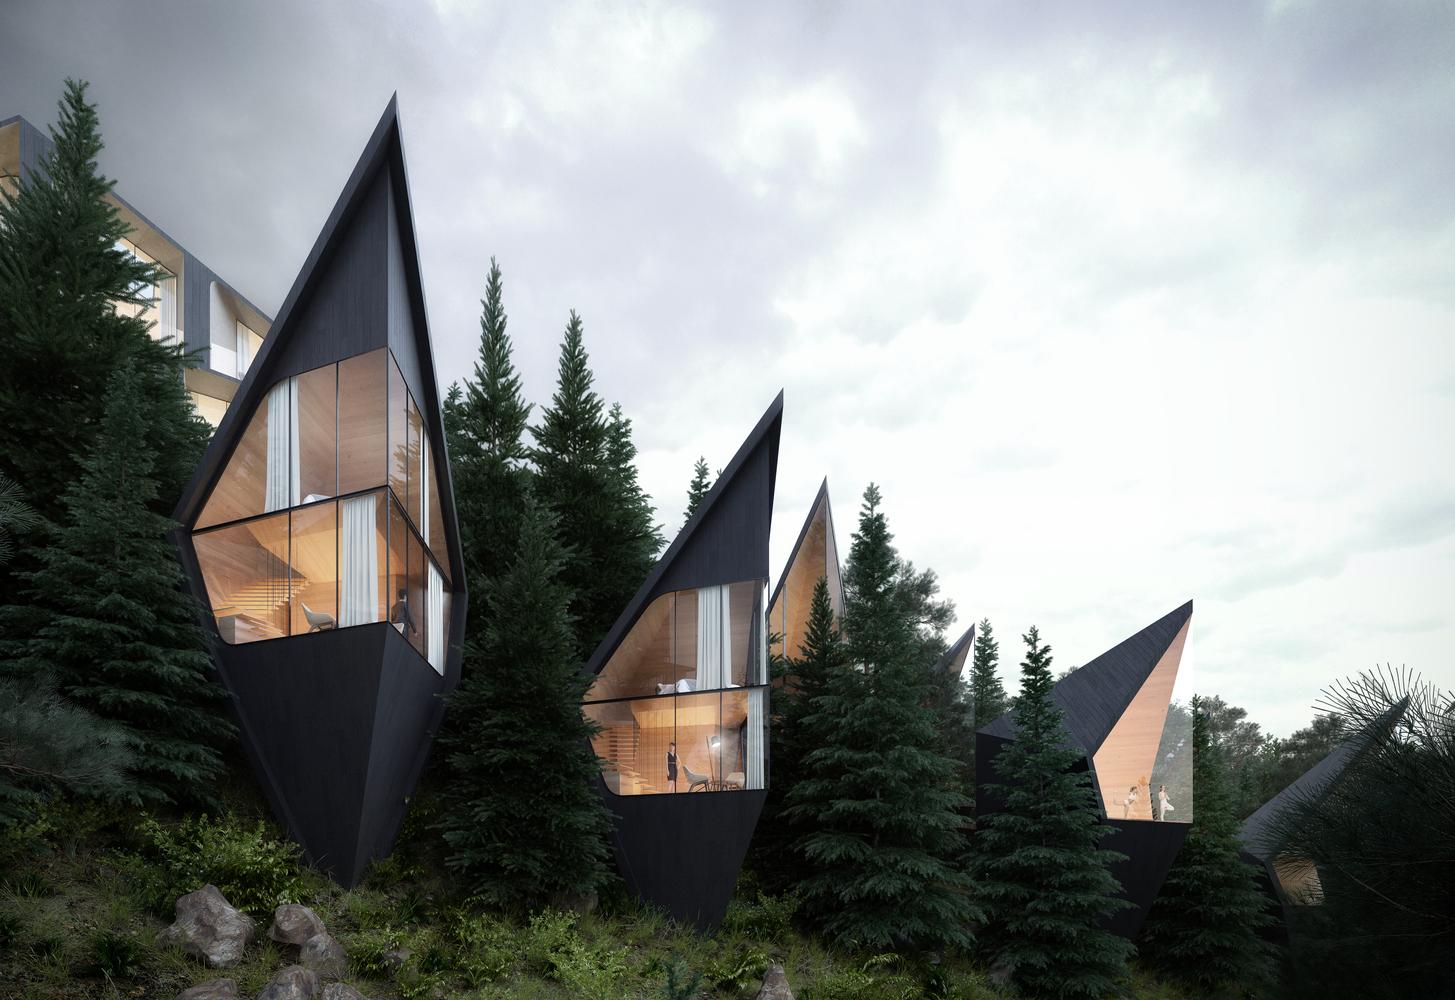 Hình ảnh các ngôi nhà hiện đại ở trên cây